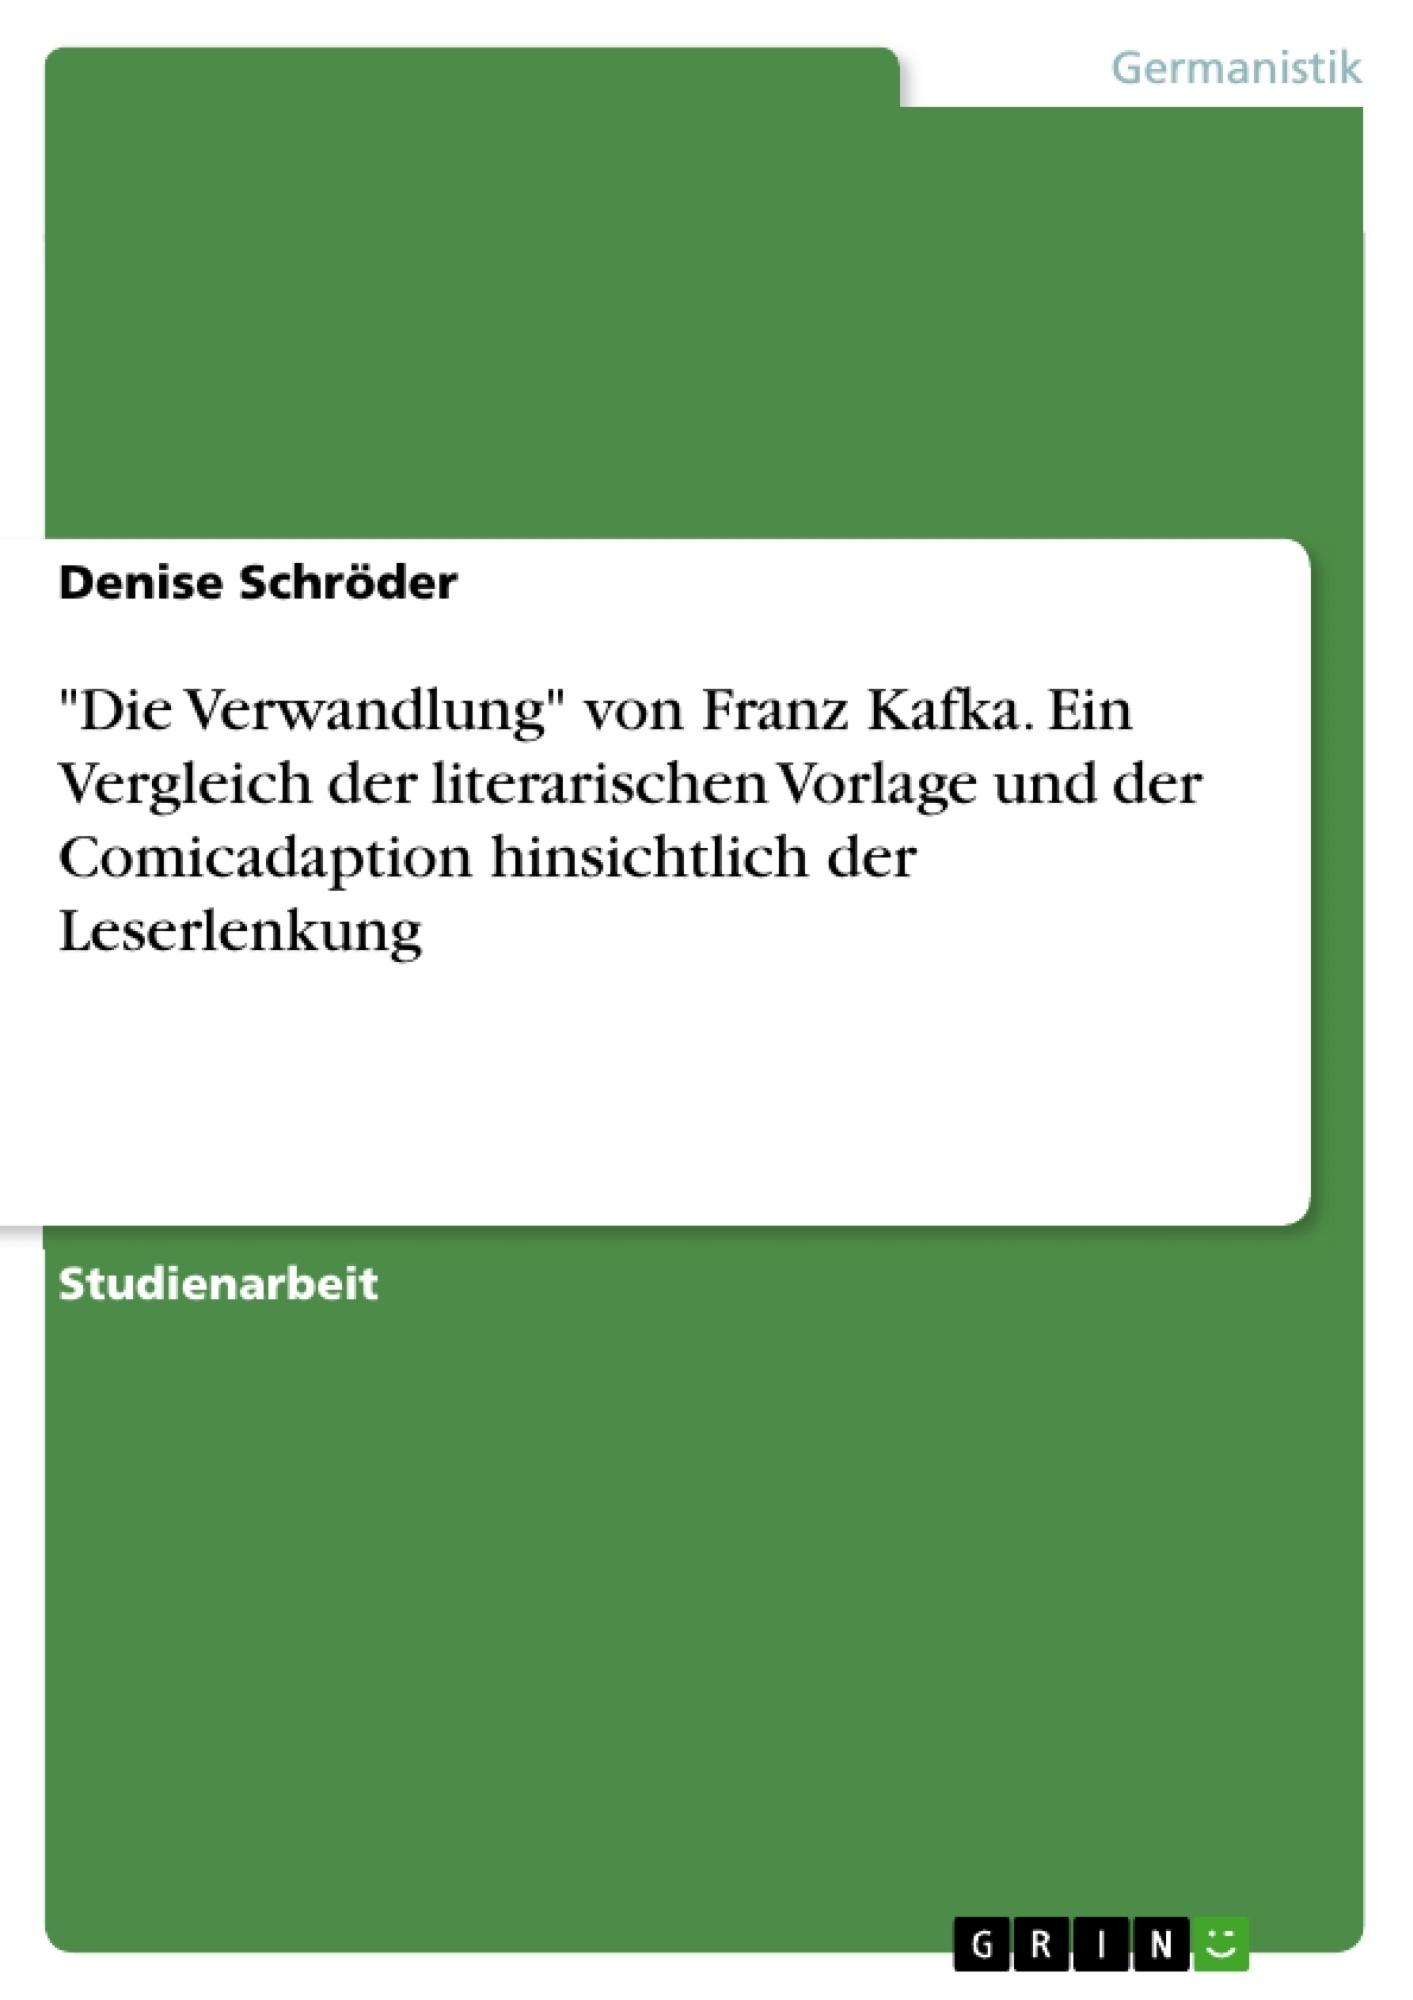 """Titel: """"Die Verwandlung"""" von Franz Kafka. Ein Vergleich der literarischen Vorlage und der Comicadaption hinsichtlich der Leserlenkung"""